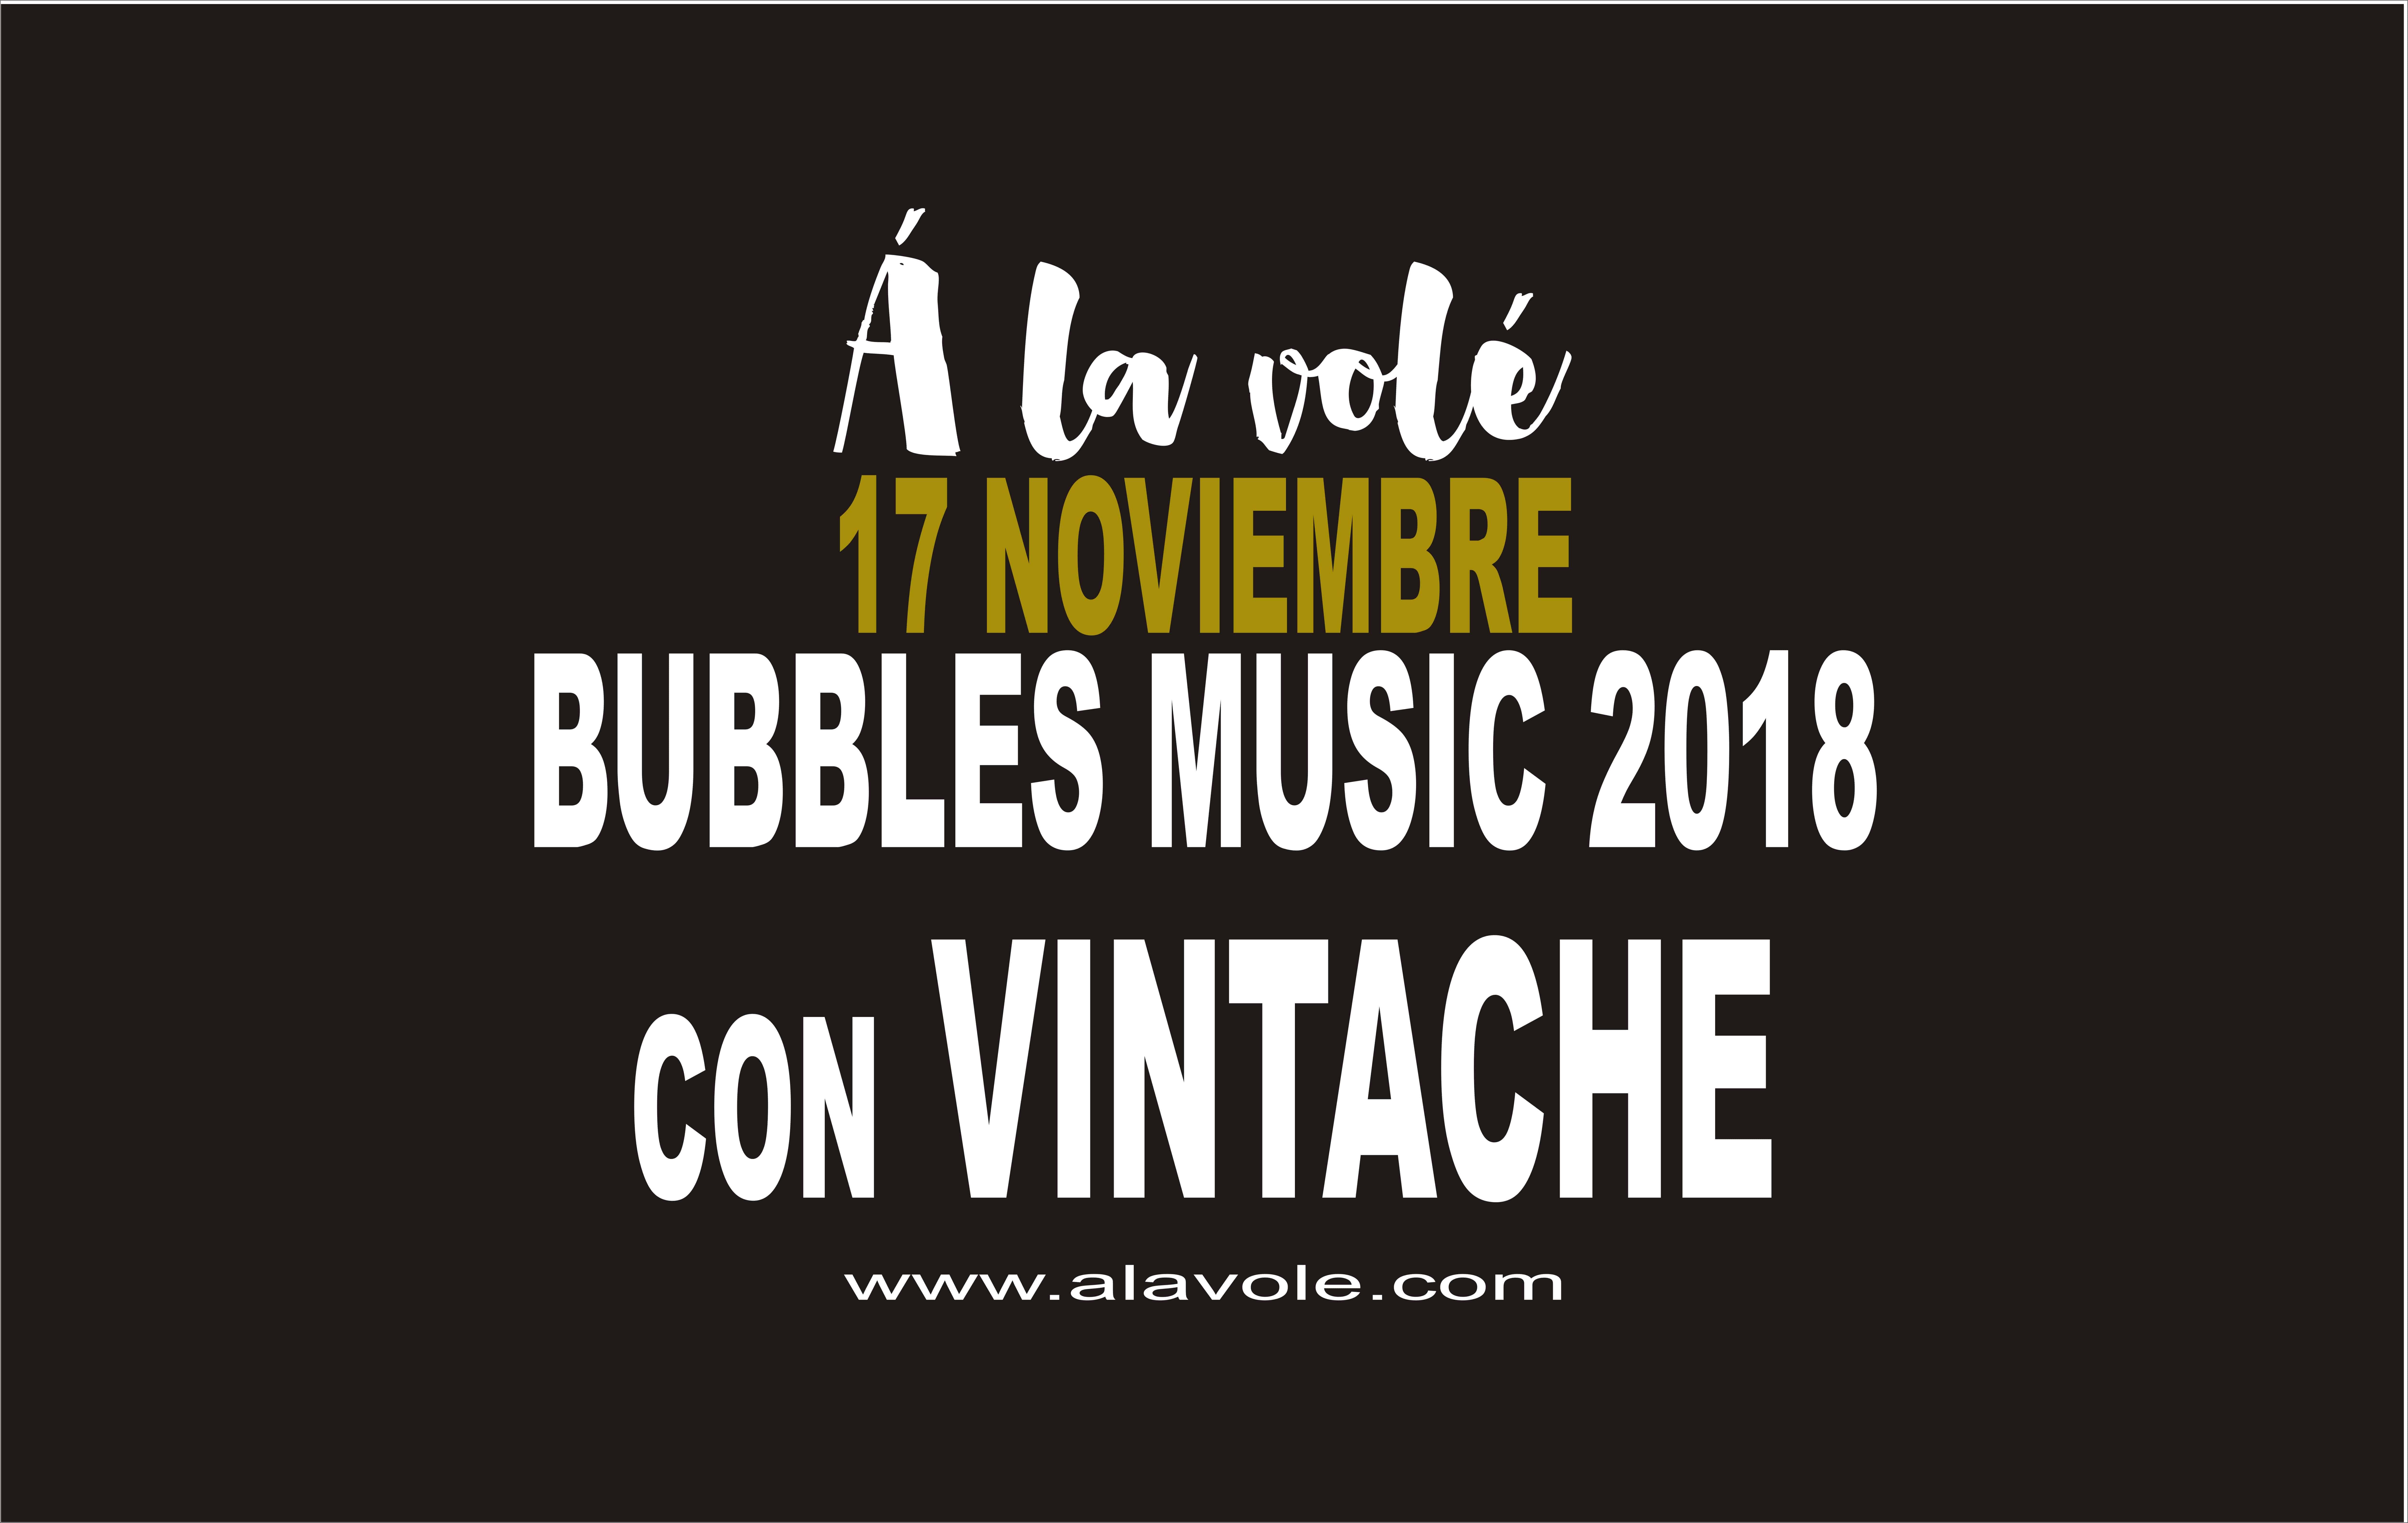 bubbles music 2018